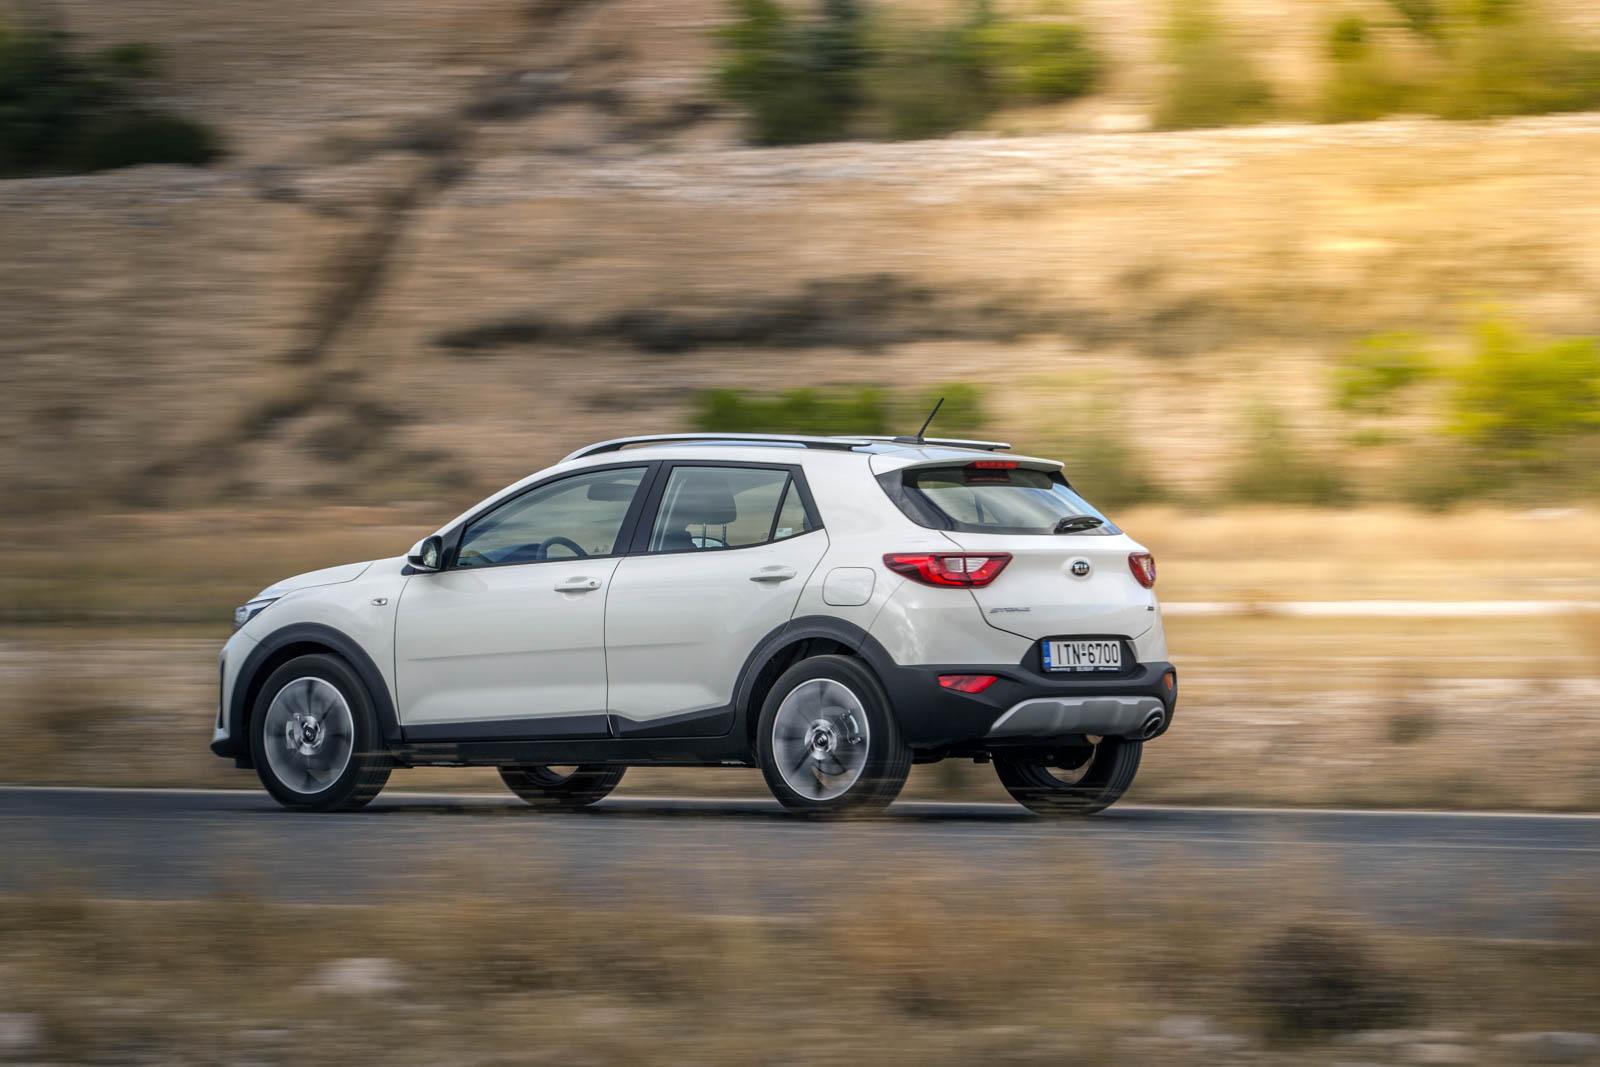 Press kit Kia Stonic: To εμπνευσμένο κόμπακτ crossover - Ένα σημαντικό μοντέλο για την Kia σε μια ραγδαία αναπτυσσόμενη κατηγορία - Ελκυστική σχεδίαση με περιπετειώδες στιλ SUV - Δυναμική οδική συμπεριφορά και σπορ αίσθηση για μια συναρπαστική εμπειρία οδήγησης - Ευρεία γκάμα με αποδοτικούς κινητήρες βενζίνης και πετρελαίου, συμπεριλαμβανομένου του υπερτροφοδοτούμενου 1.0 T-GDI - Μοντέρνο εσωτερικό με προηγμένη τεχνολογία και μεγάλες δυνατότητες εξατομίκευσης - Ευφυής εκμετάλλευση χώρων και απαράμιλλη πρακτικότητα καμπίνας - Στιβαρό πλαίσιο μειωμένου βάρους και καινοτόμα συστήματα υποβοήθησης του οδηγού Αθήνα, 3 Νοεμβρίου 2017 – Το νέο Kia Stonic συναρπάζει με την δυναμική του σχεδίαση και το ευρωπαϊκό του στιλ, όντας το μοντέλο της Kia με τις μεγαλύτερες δυνατότητες εξατομίκευσης που έχει υπάρξει μέχρι σήμερα. Οι κινητήρες βενζίνης και πετρελαίου συνδυάζονται με χειροκίνητα κιβώτια ταχυτήτων και εξασφαλίζουν χαμηλή κατανάλωση καυσίμου και εκπομπές ρύπων. Η ανάρτηση και το σύστημα διεύθυνσης έχουν ρυθμιστεί με γνώμονα τις επιθυμίες των Ευρωπαίων οδηγών έτσι ώστε να προσφέρουν συναρπαστική οδηγική εμπειρία. Η χρήση χάλυβα υψηλής αντοχής στο πλαίσιο και το αμάξωμα συμβάλλει σε κράτημα και άνεση υψηλού επιπέδου, σε όλες τις συνθήκες οδήγησης. Το Kia Stonic είναι ένα από τα πιο έξυπνα μοντέλα της κατηγορίας του, με μια σειρά τεχνολογιών που αναβαθμίζουν την οδική συμπεριφορά, την ασφάλεια, την άνεση και την λειτουργικότητα. Η ευφυής εκμετάλλευση χώρων συντελεί σε μια ευρύχωρη καμπίνα και προσφέρει υψηλό επίπεδο πρακτικότητας. Το νέο κόμπακτ crossover αποτελεί καρπό στενής συνεργασίας του σχεδιαστικού στούντιο της Kia στην Ευρώπη με το αντίστοιχο της Κορέας. Κατασκευάζεται στο εργοστάσιο Sohari (Κορέα) και καλύπτεται από τη μοναδική εγγύηση 7 χρόνων ή 150.000 χιλιομέτρων. Κατηγορία B-SUV: Η μεγαλύτερη στην Ευρώπη μέχρι το 2020 Το Stonic είναι ένα σημαντικό μοντέλο για την Kia που έχει στόχο να πρωταγωνιστήσει σε μια νέα και ραγδαία αναπτυσσόμενη κατηγορία. Το B-SUV segme